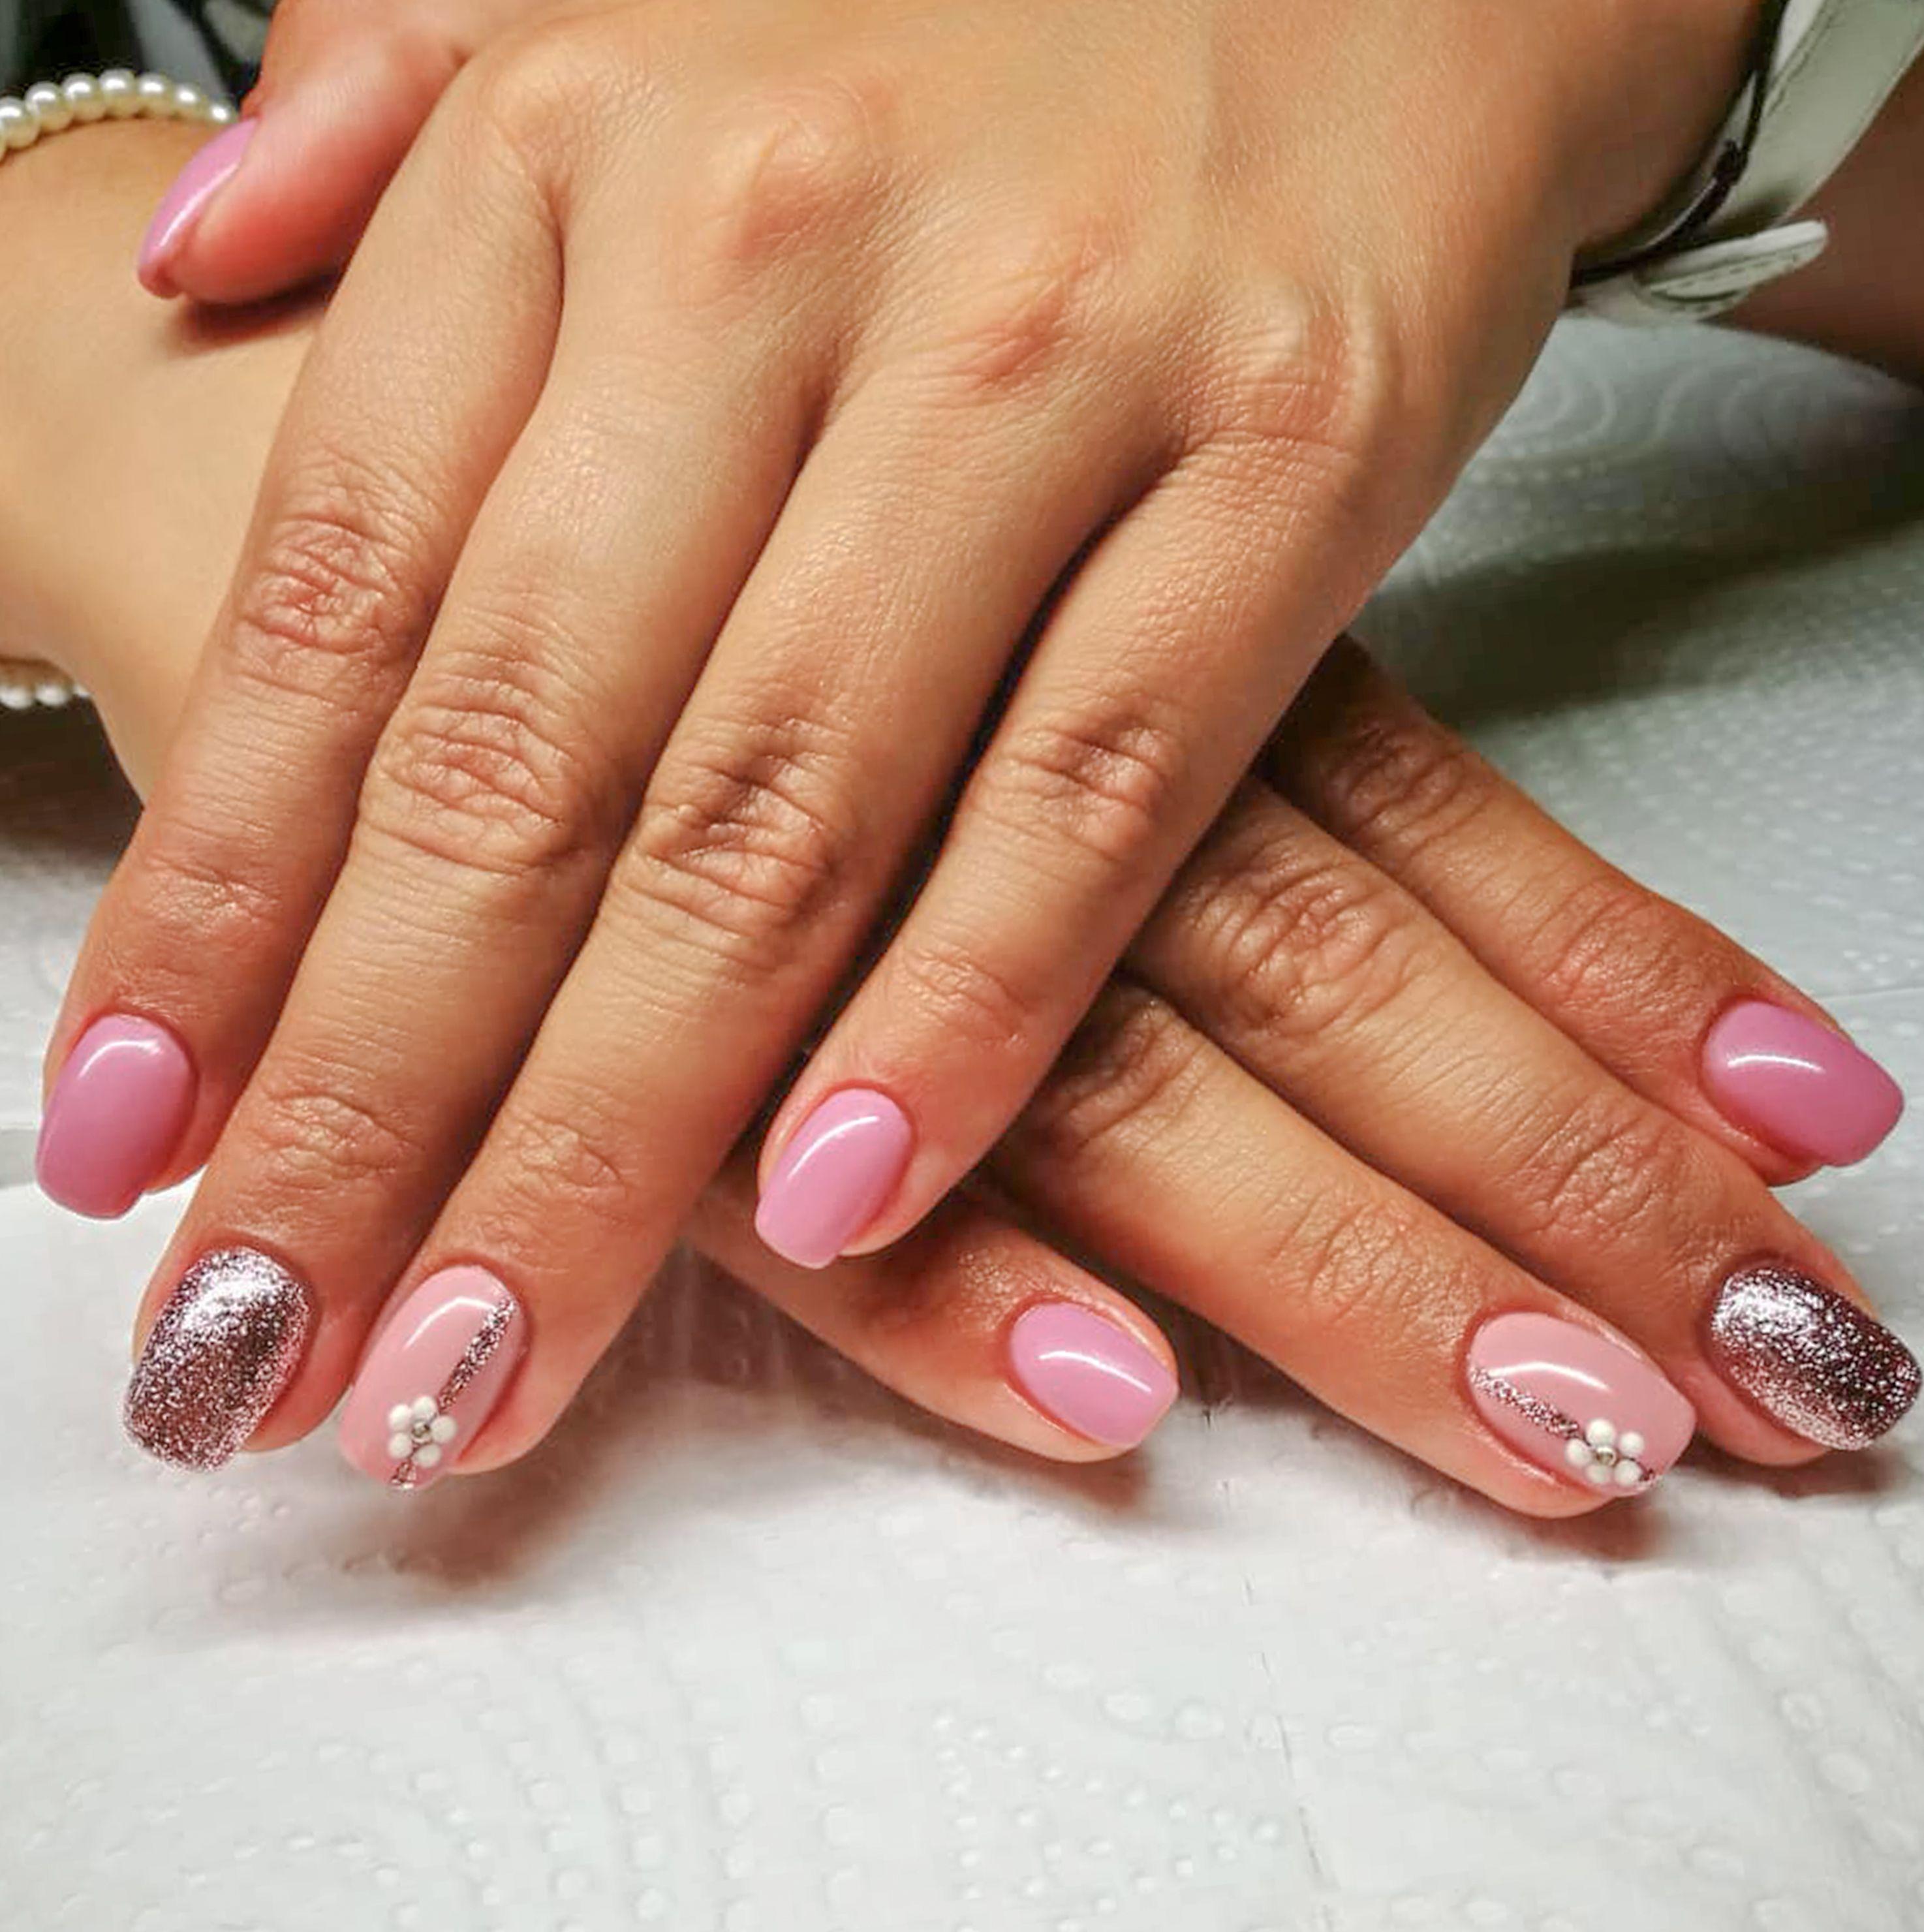 Kombinace Dvou Krasnych Odstinu Ruzove S Kapkou Stribrne Proste Neodolatelna Combination Of Two Lovely Shades Of Pink And One Shiny Si Nail Art Nails Pretty